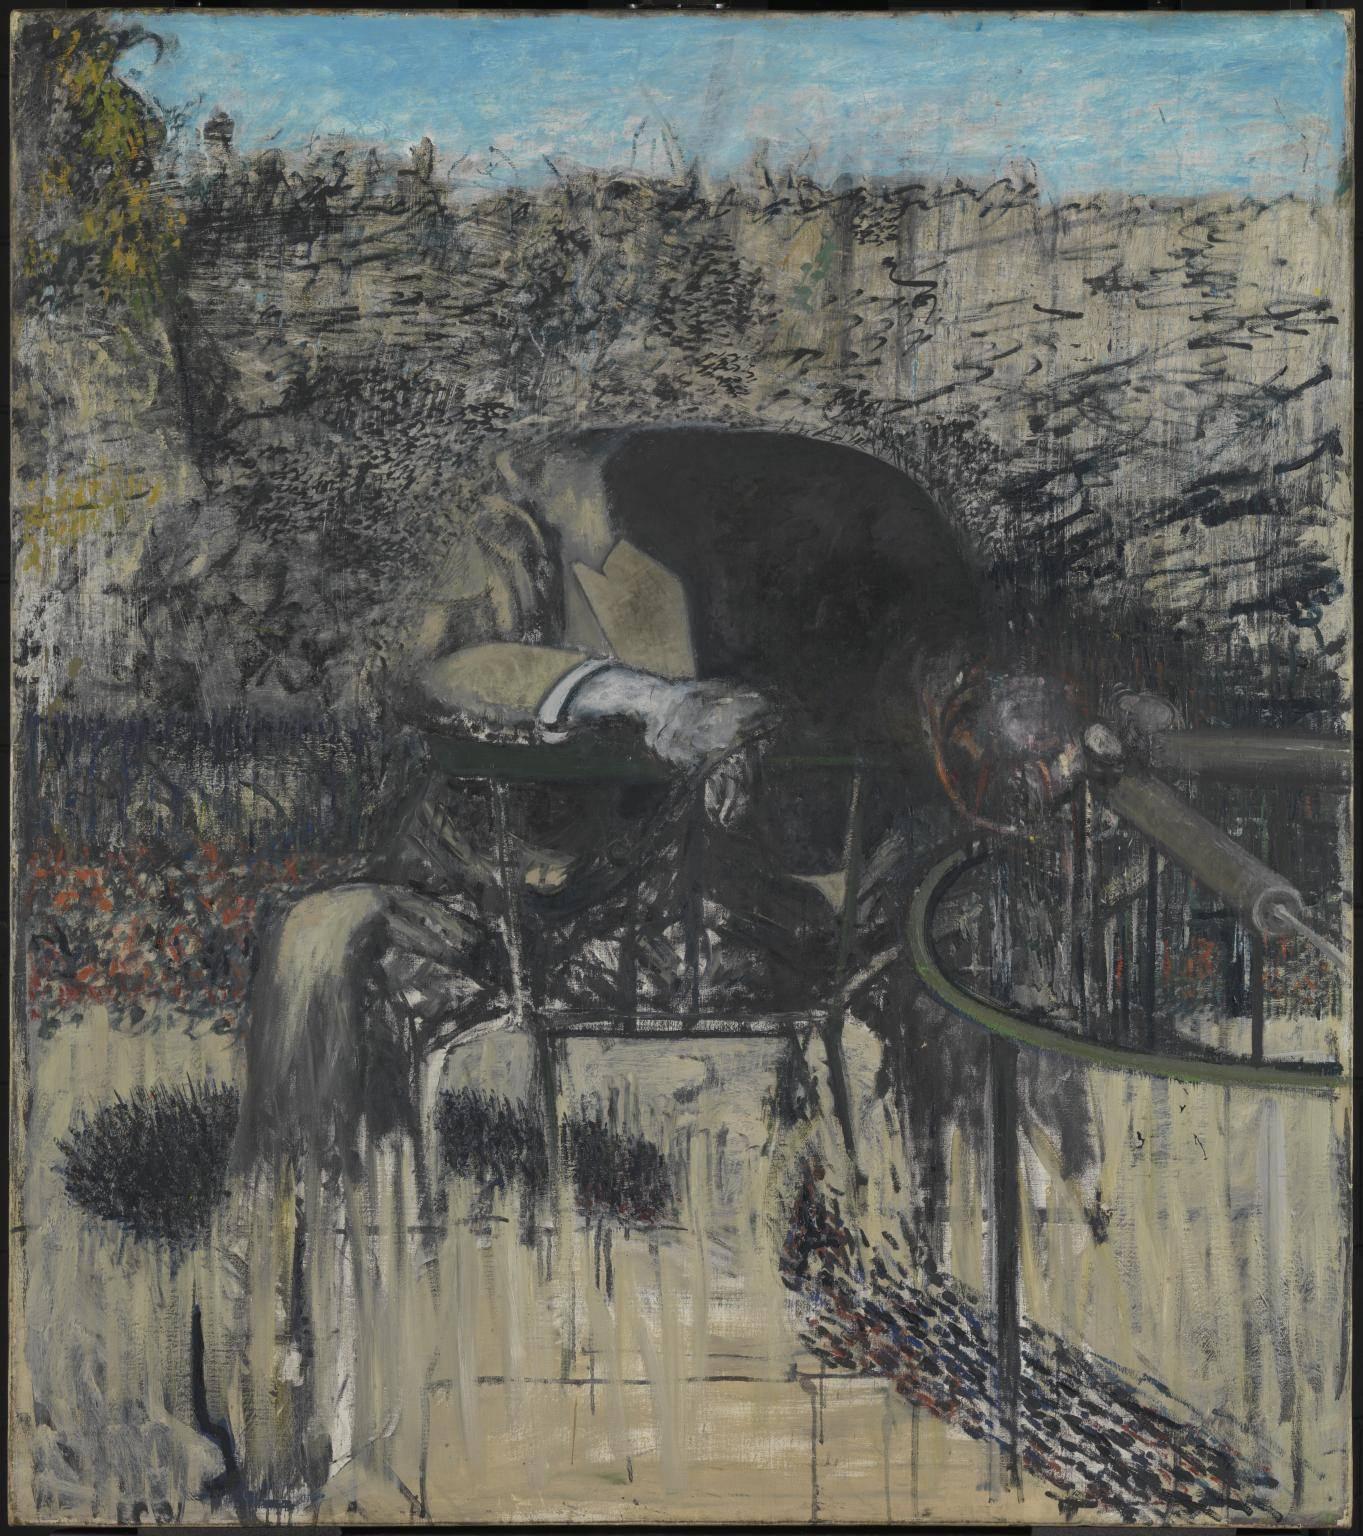 Фрэнсис Бэкон. Фигура в пейзаже, 1945. Масло, Холст. Галерея Тейт